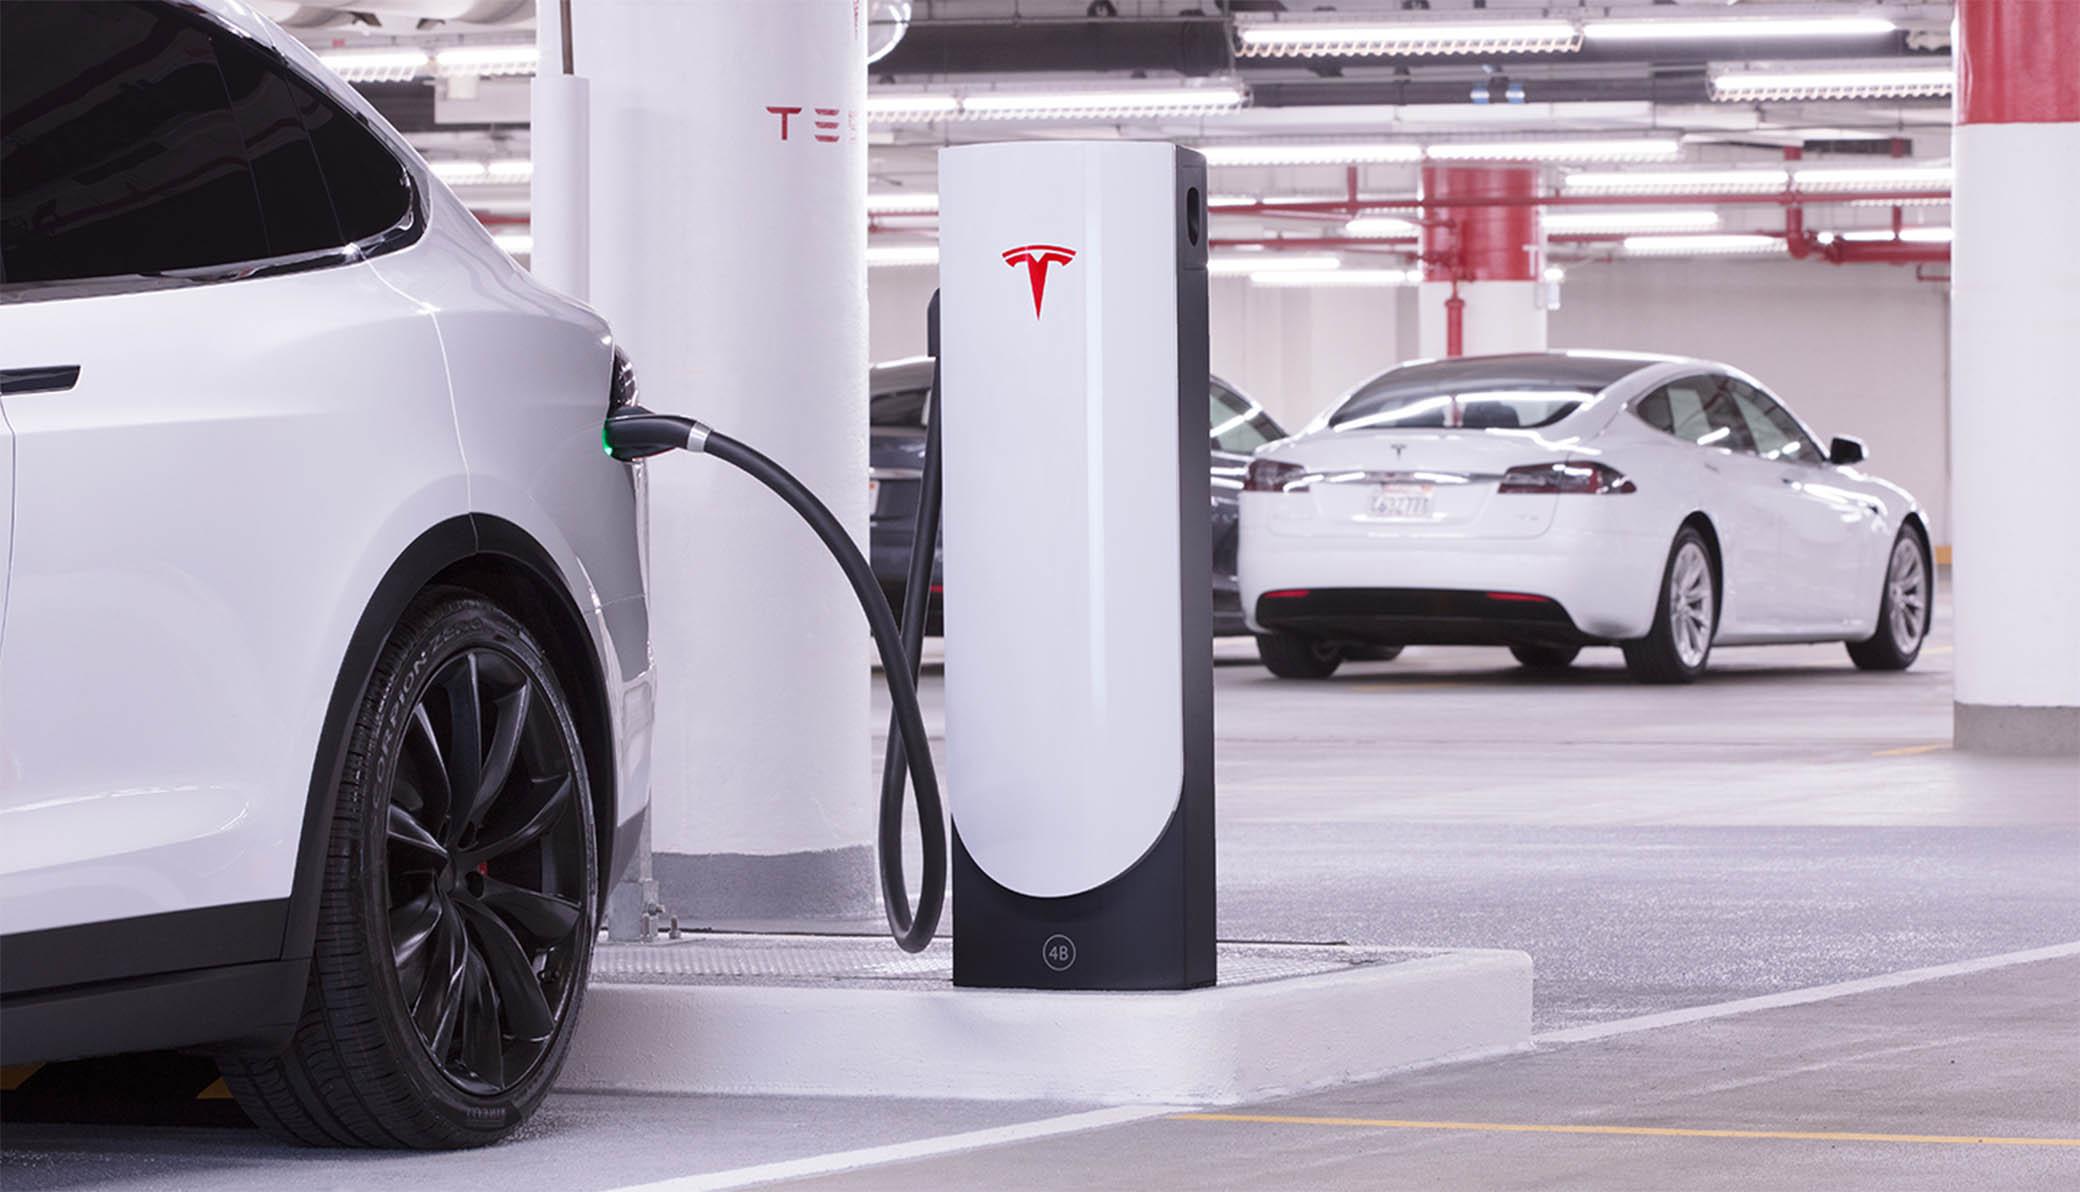 Tesla : ses batteries révolutionnaires n'arriveront finalement pas de sitôt